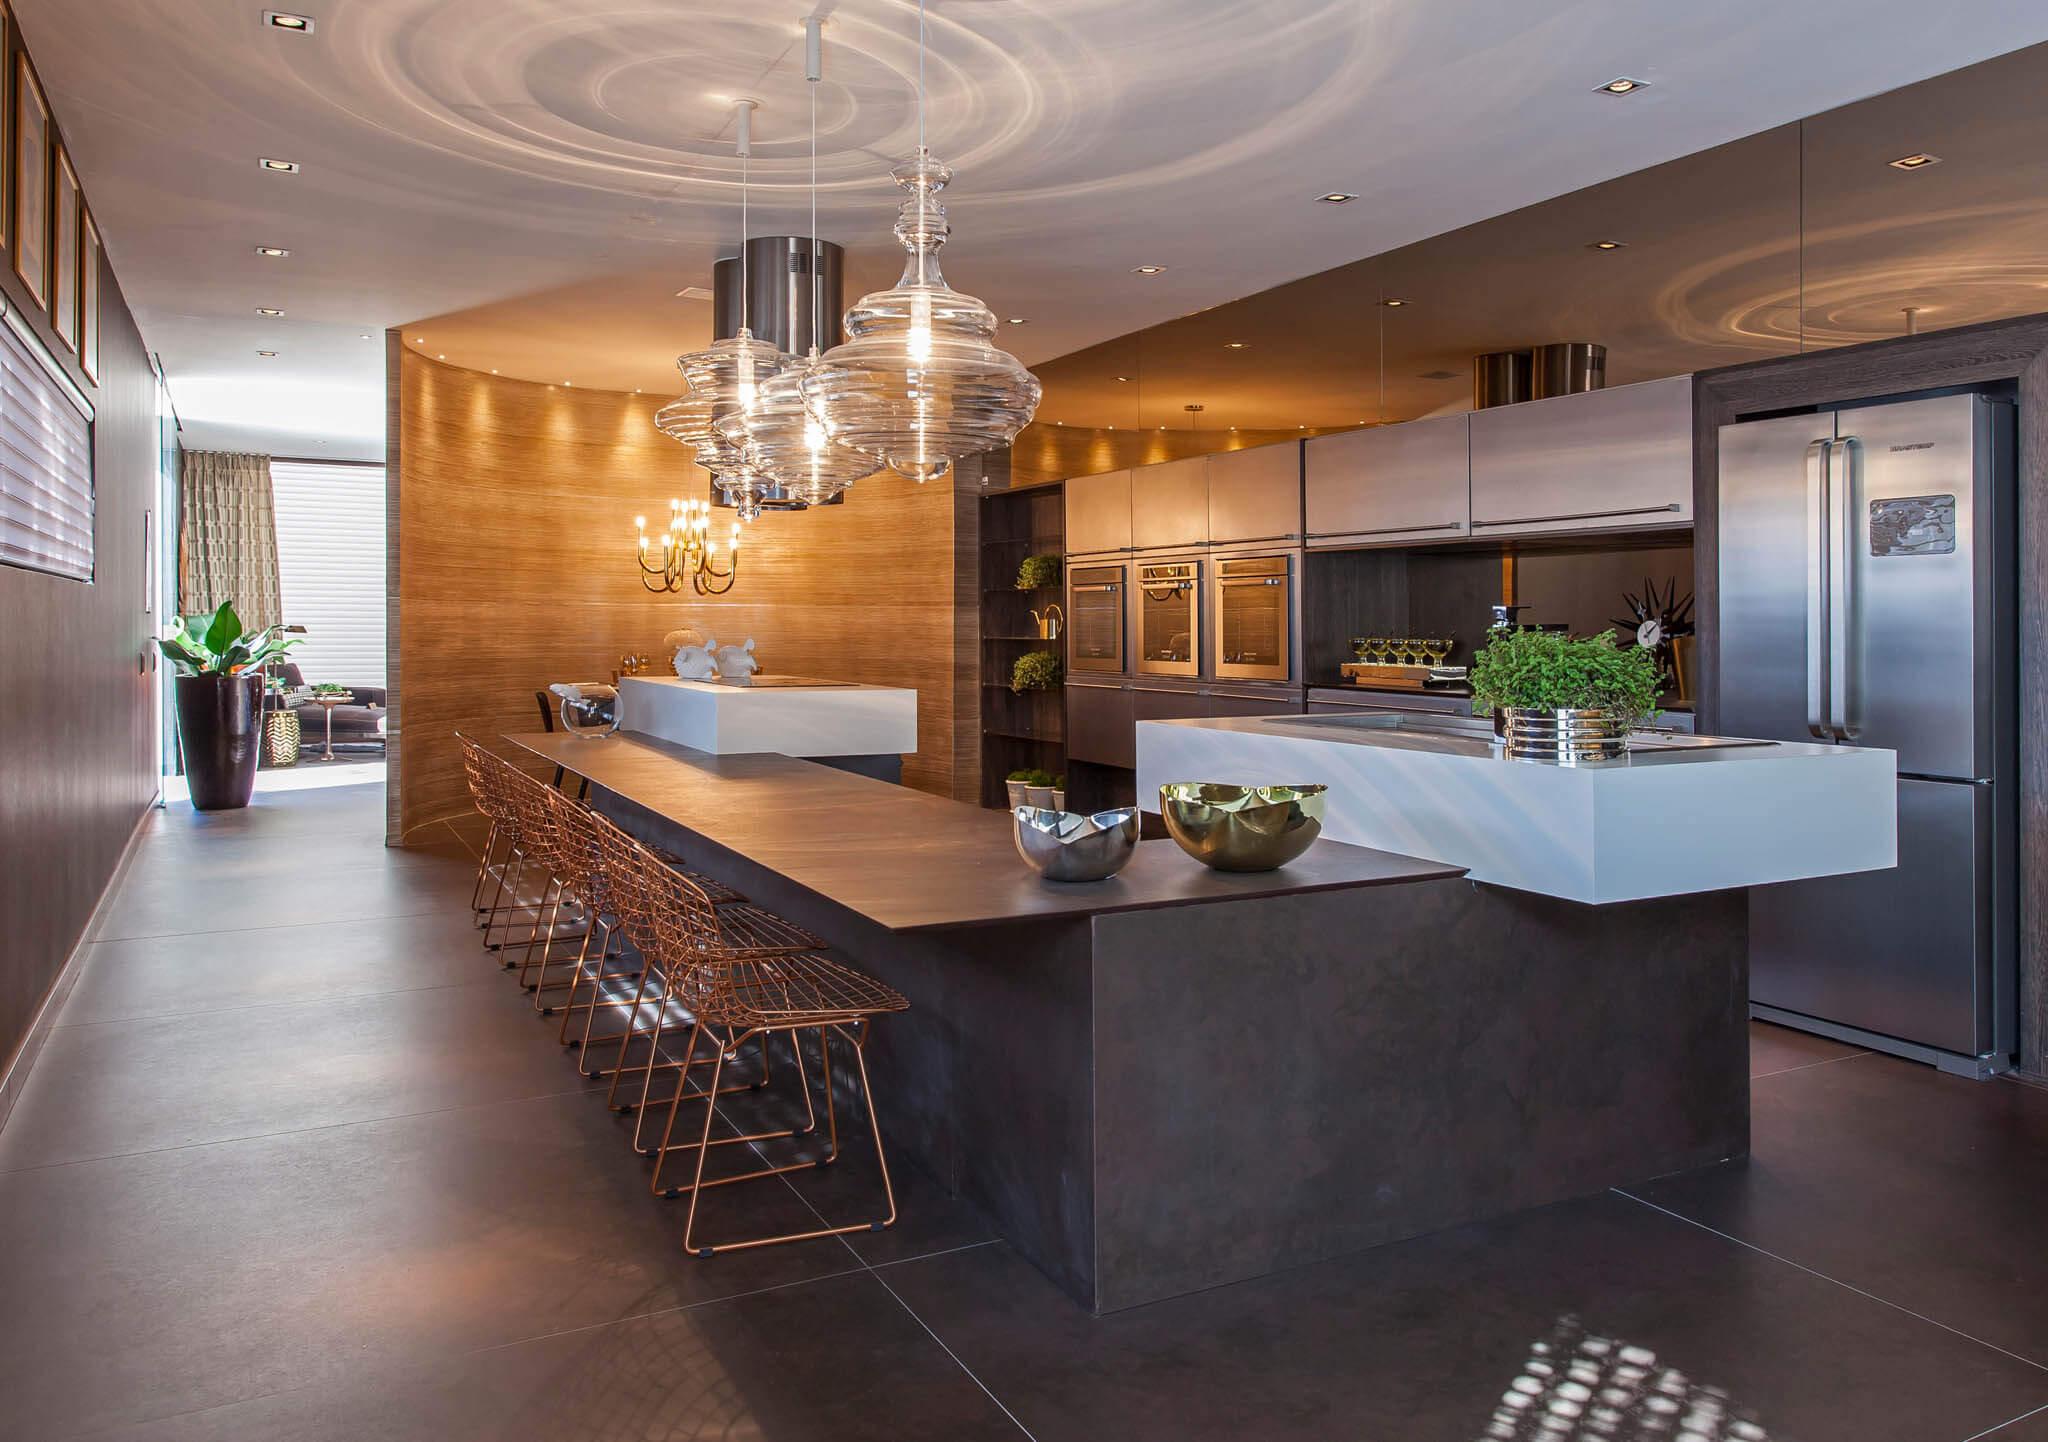 Dekton aanrechtblad luxe keuken